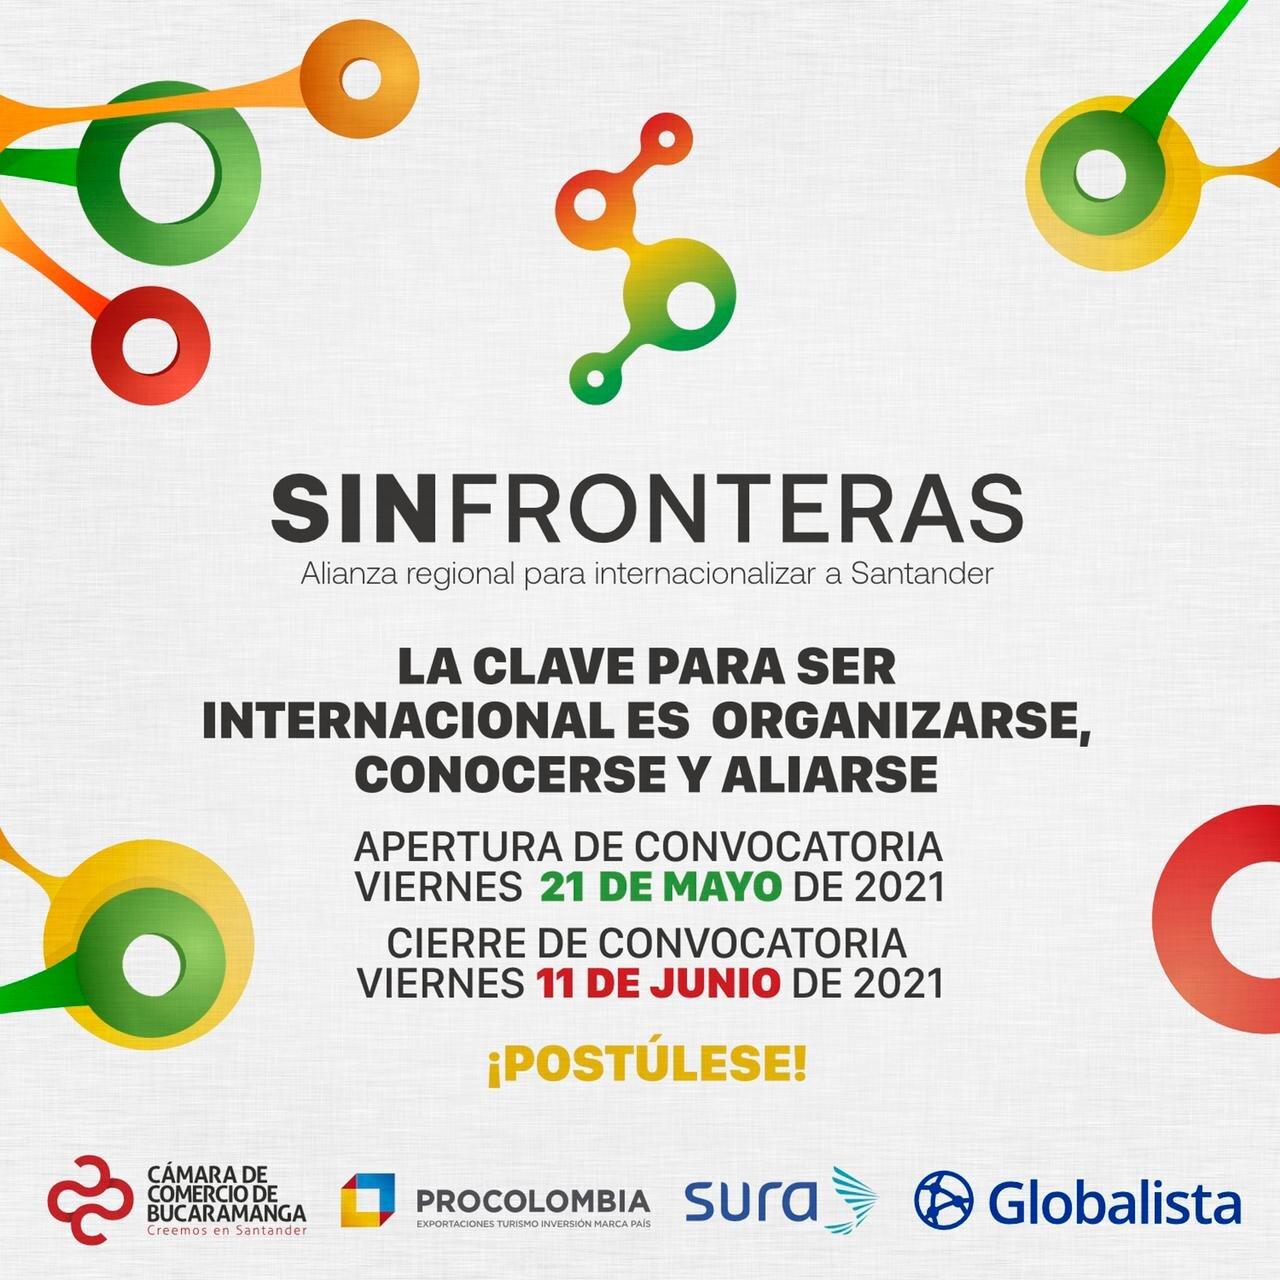 Sin Fronteras, nuevo programa de la Cámara de Comercio de Bucaramanga para internacionalizar a Santander